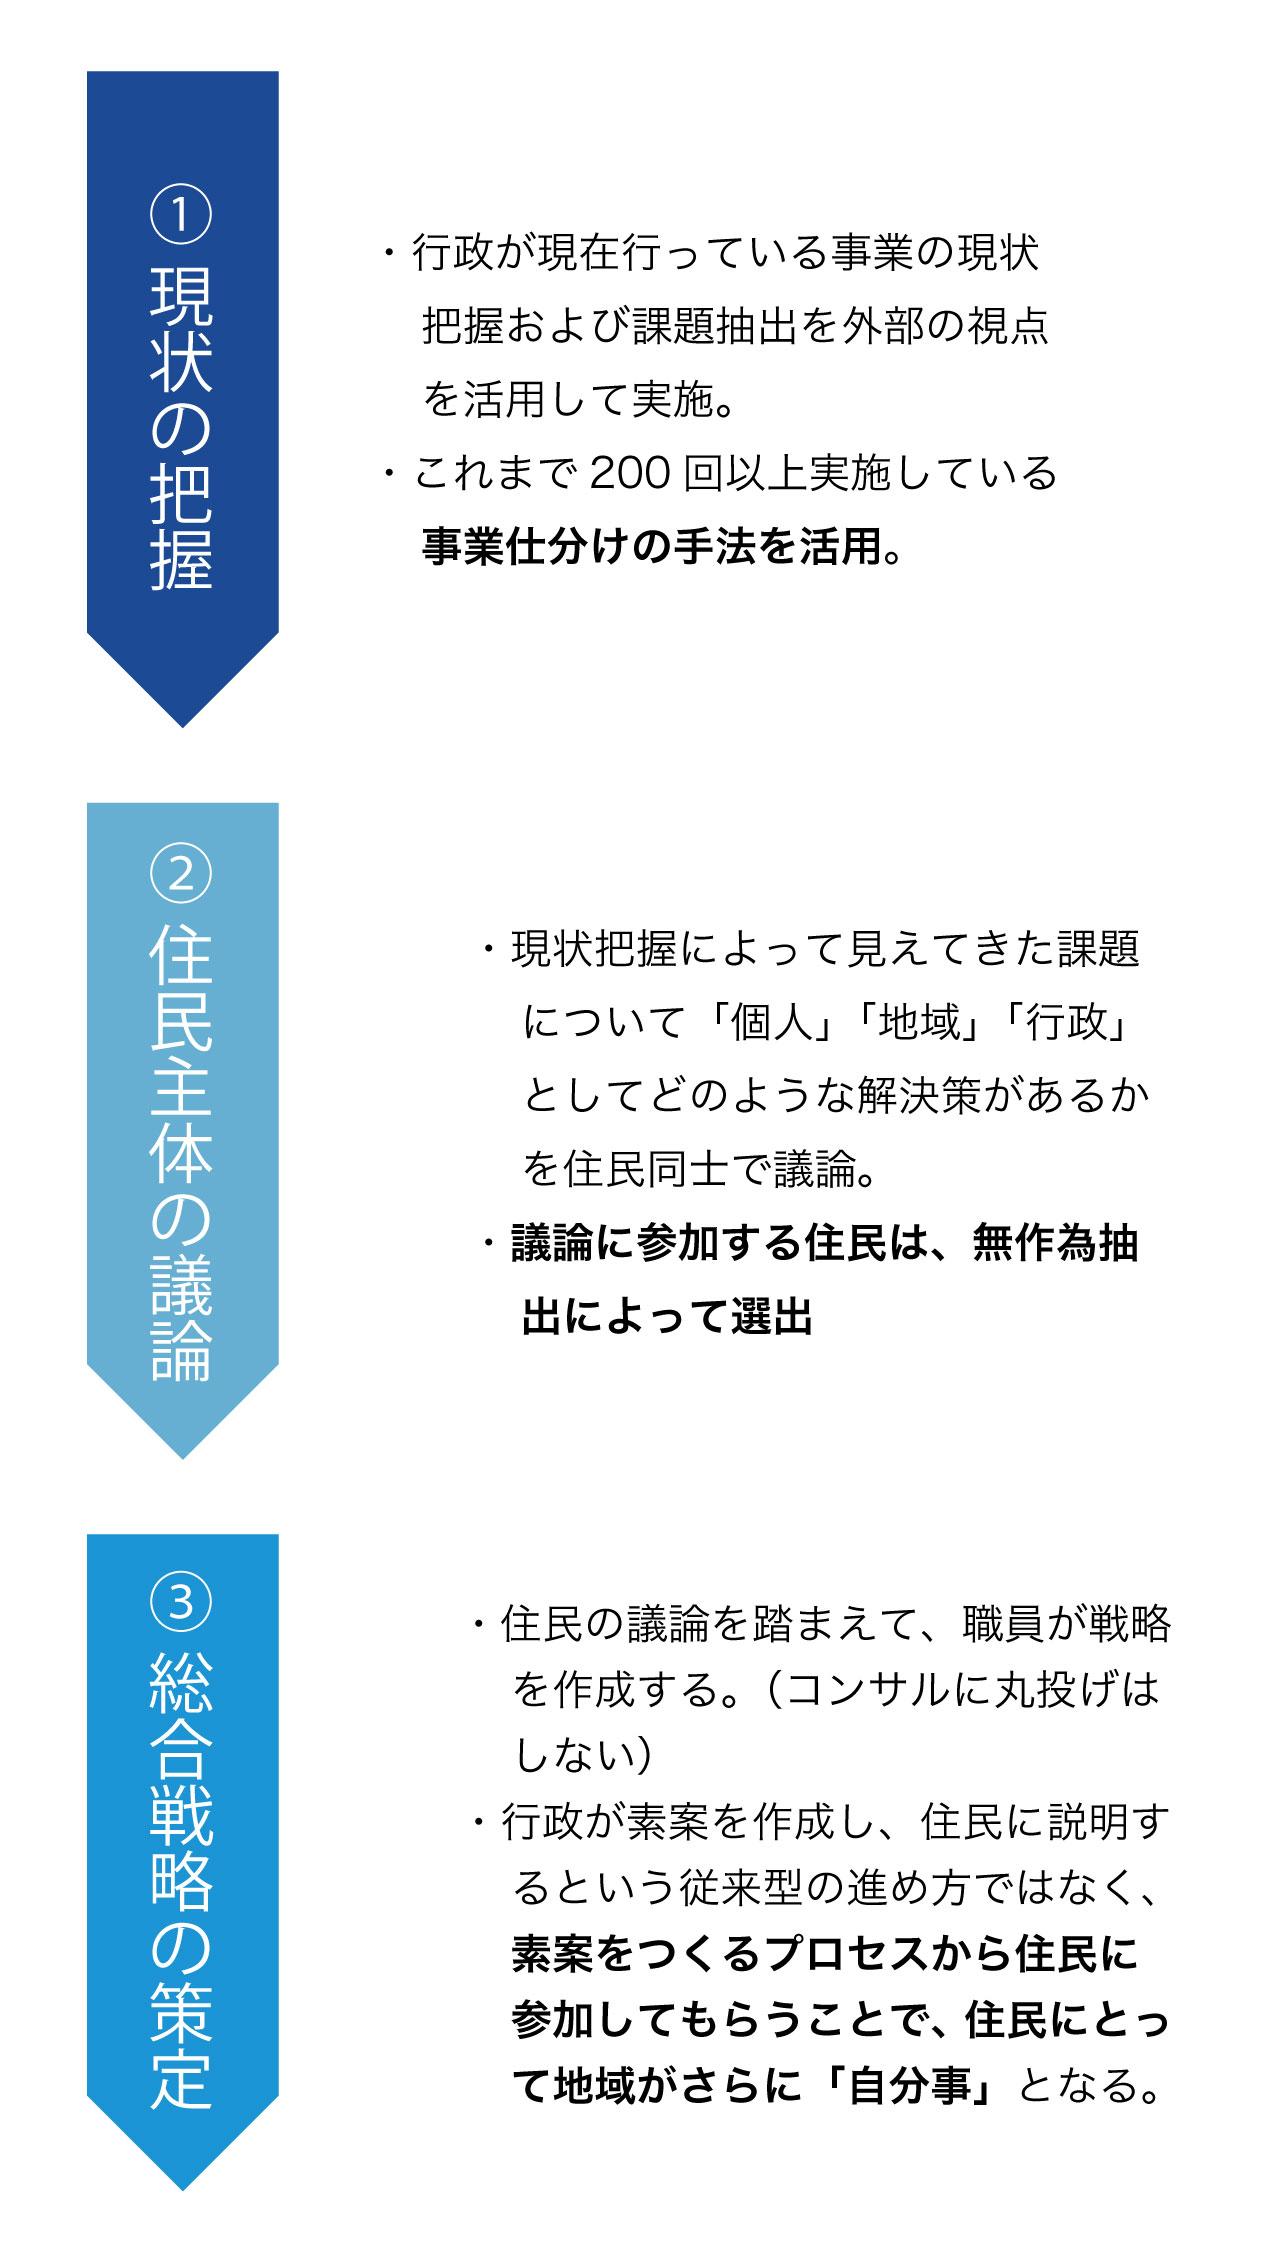 総合戦略策定プロセス